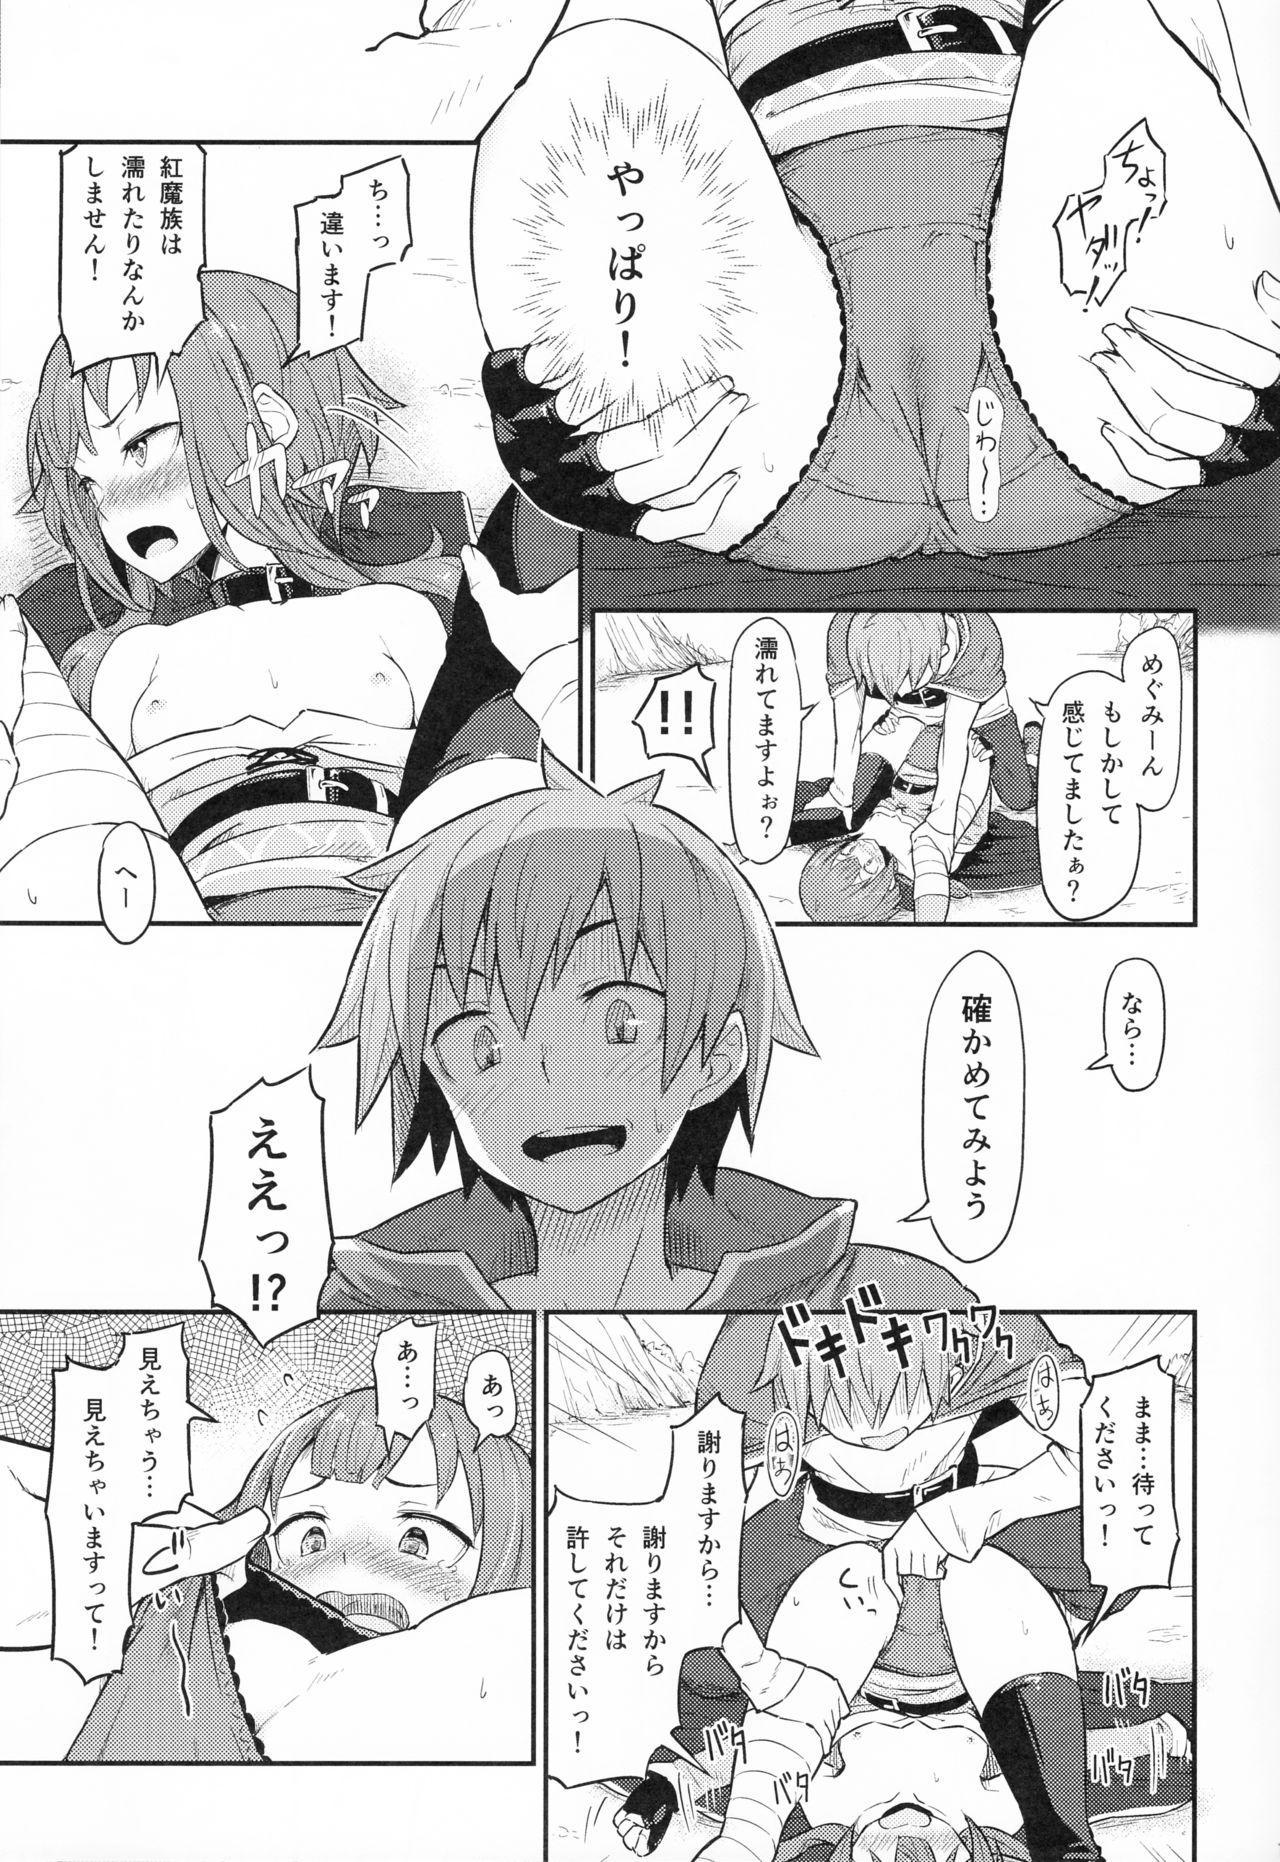 Kono Bakuretsudou ni Gohoubi o! 11